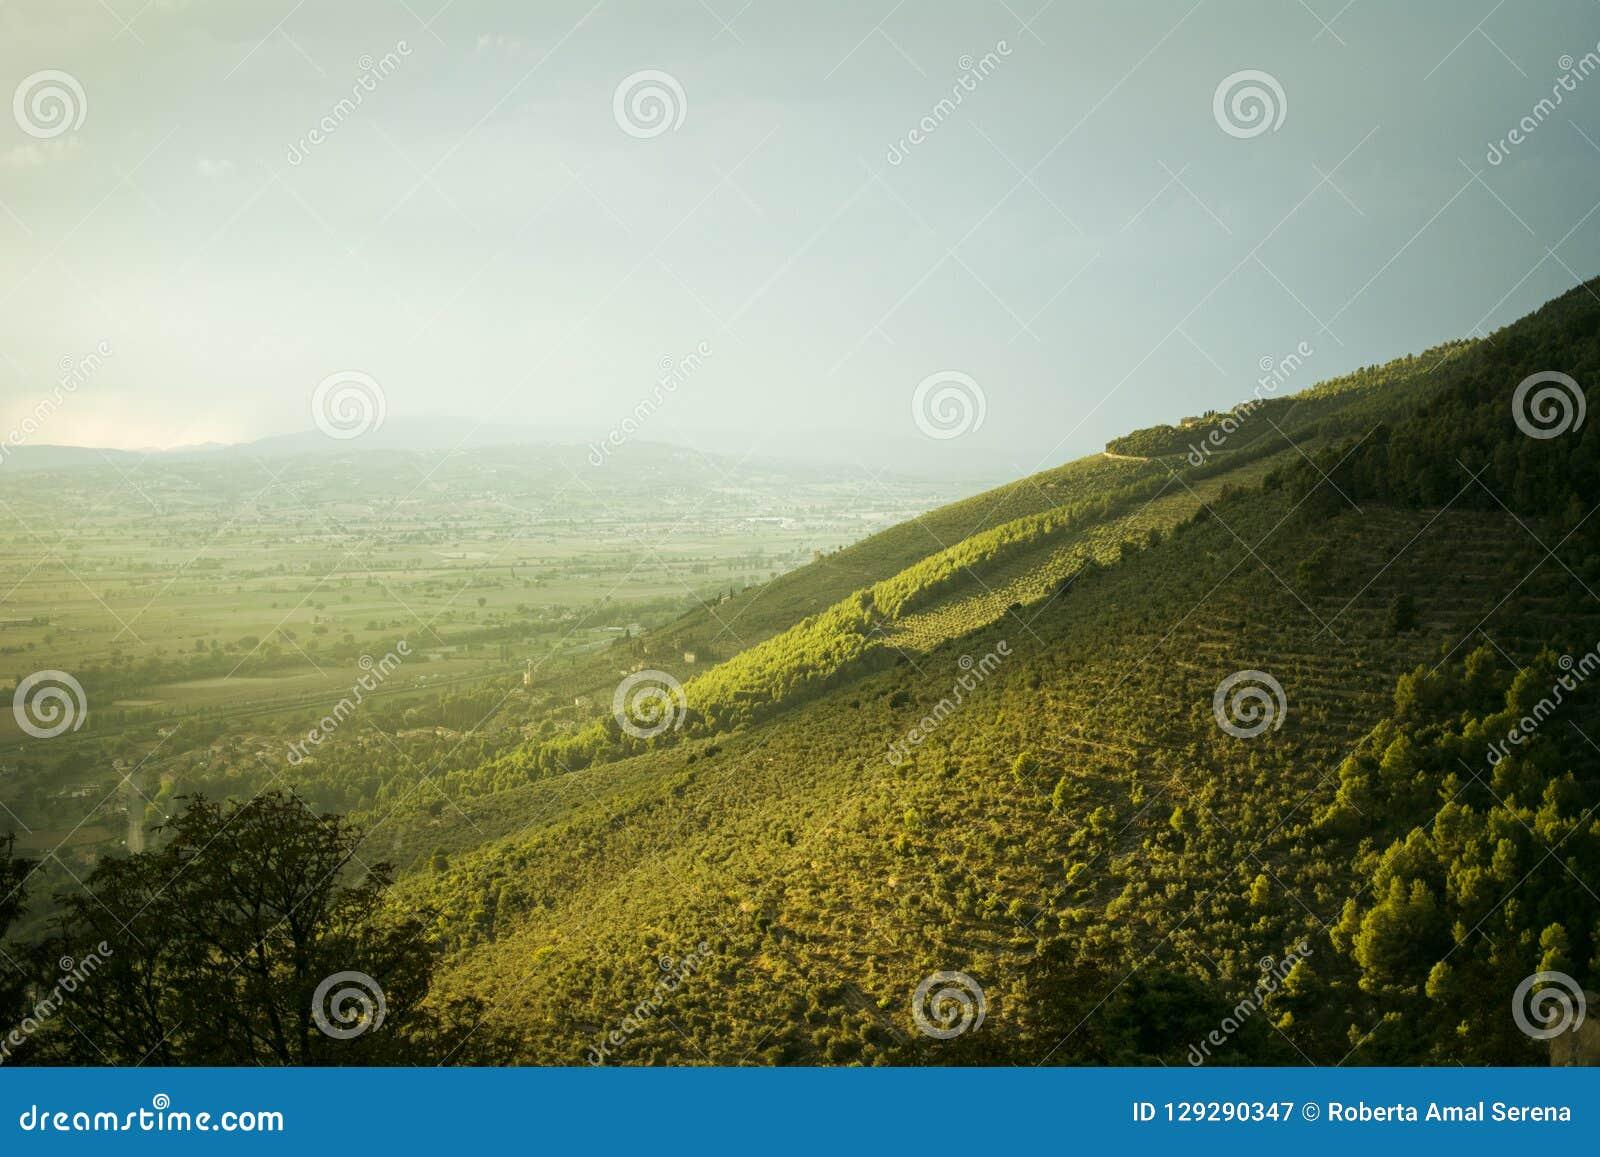 Die grüne Kante des Hügels